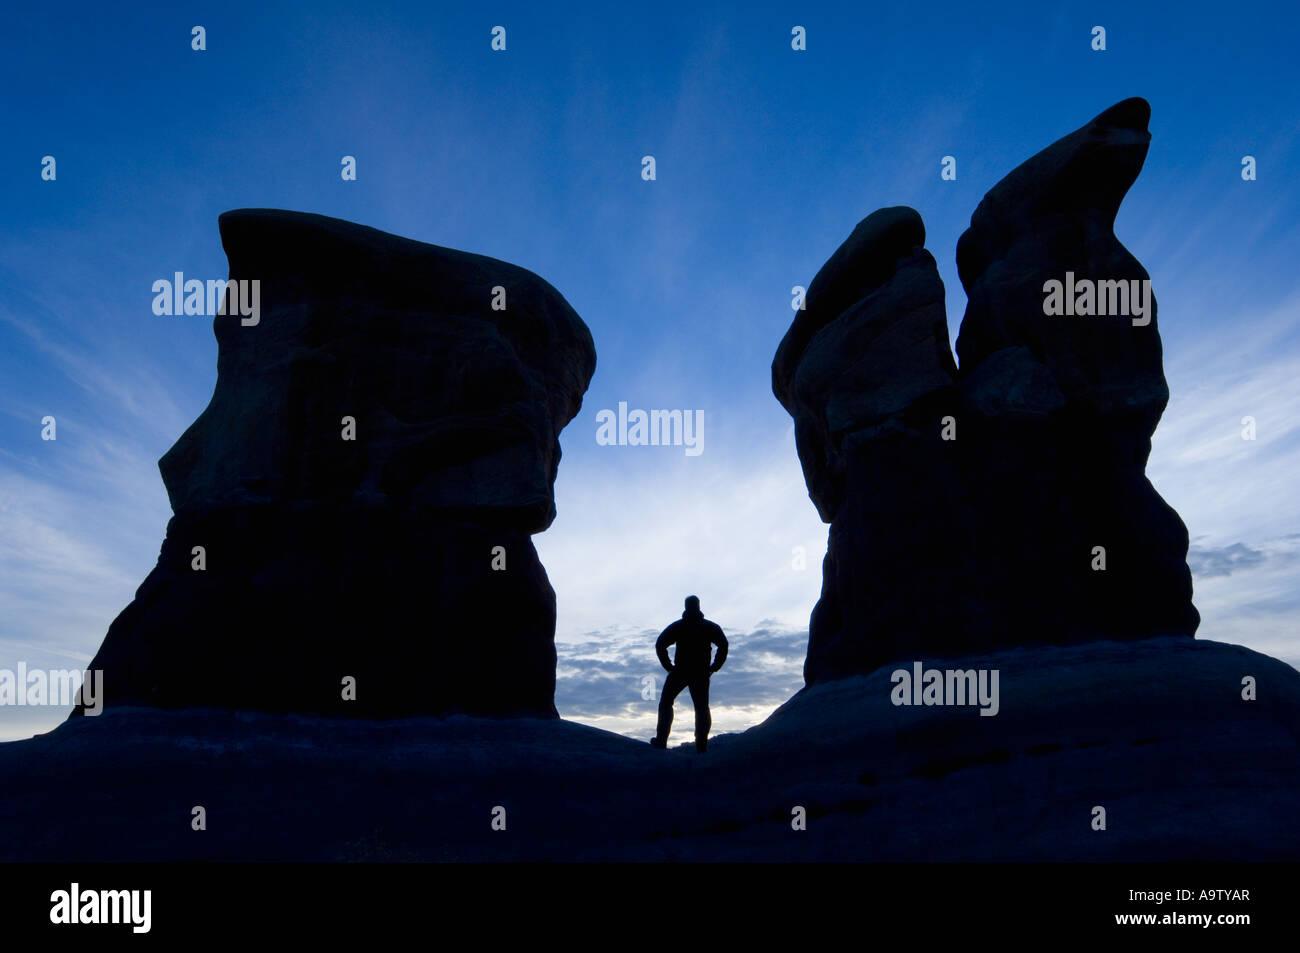 Man standing between two sandstone features in DevilÕs Garden UtahMan standing between two sandstone features in Devil's Garden Stock Photo